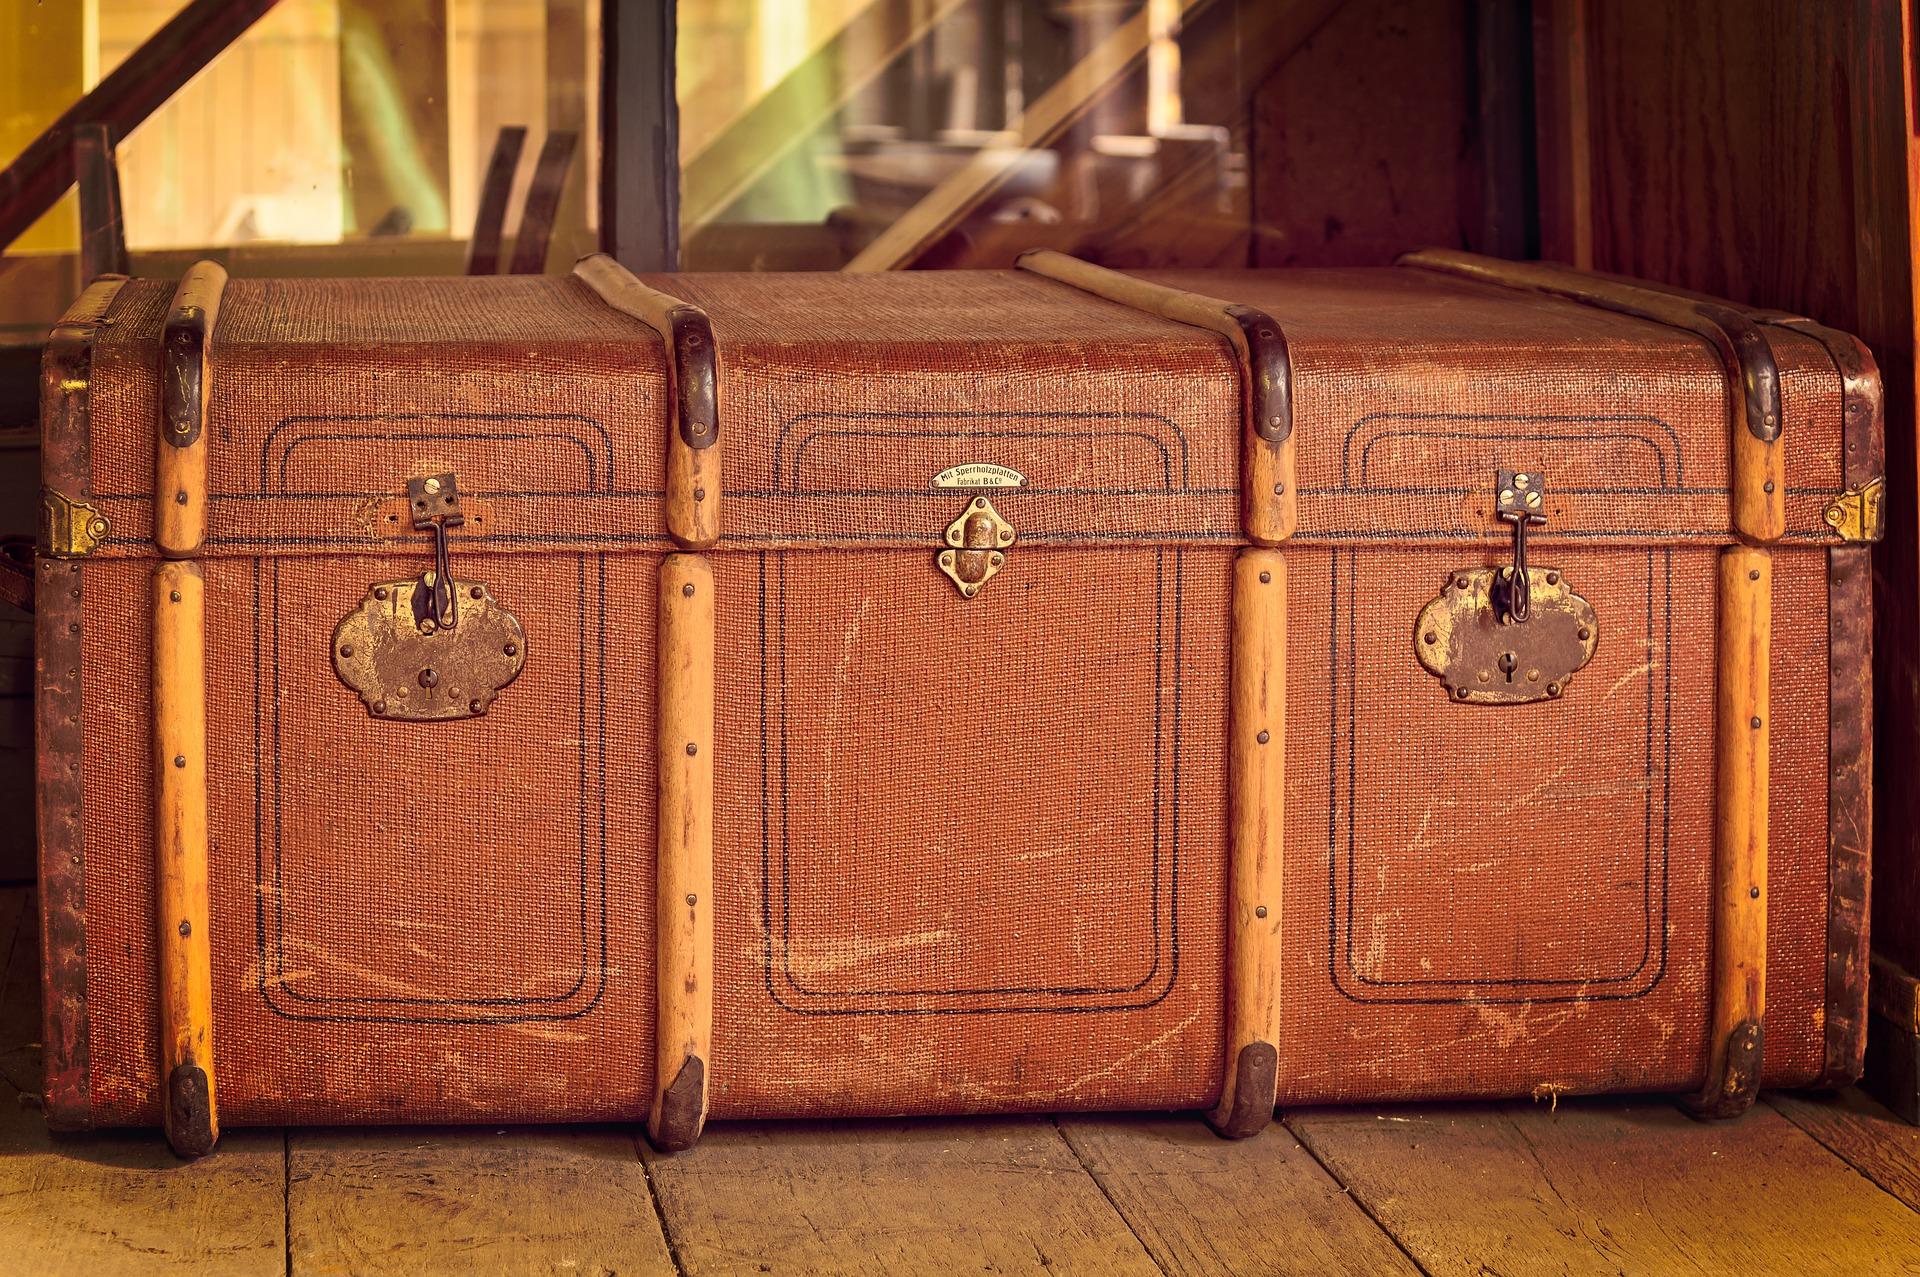 skrzynia kufer w stylu retro